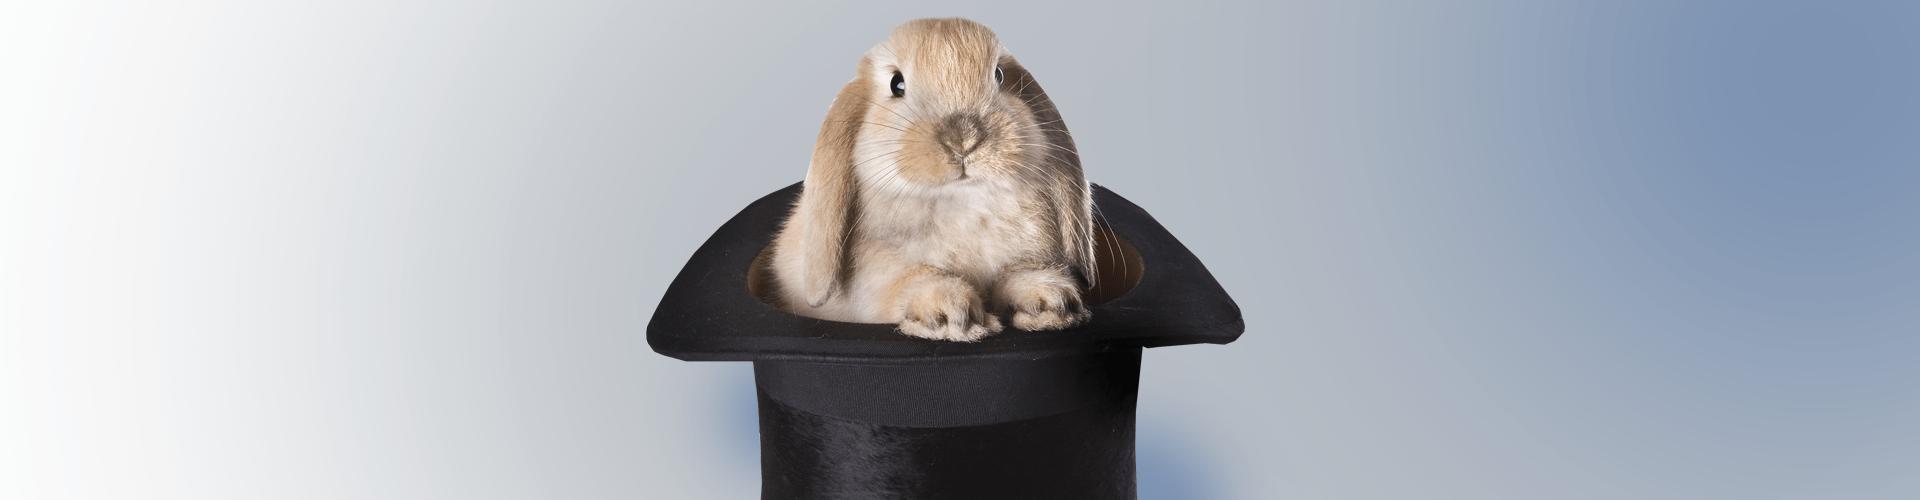 кролик, фокус, шляпа